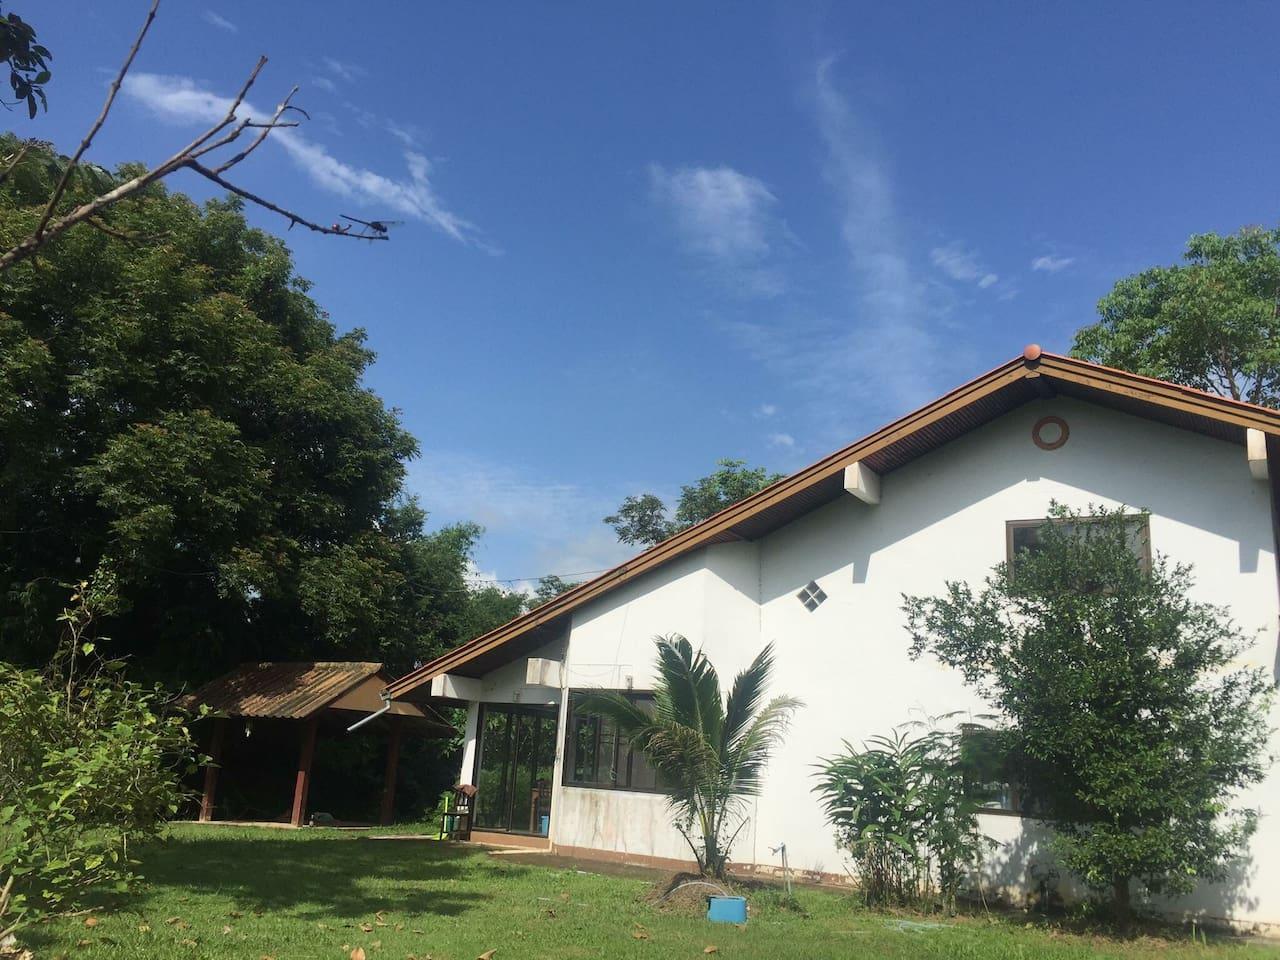 บ้านอยู่บนดอย บนพื้นที่ เกือบ35 ไร่ ไม่มีเพื่อนบ้านมาวุ่นวาย ด้านหลังคือป่า    The hut is nice for relaxing.